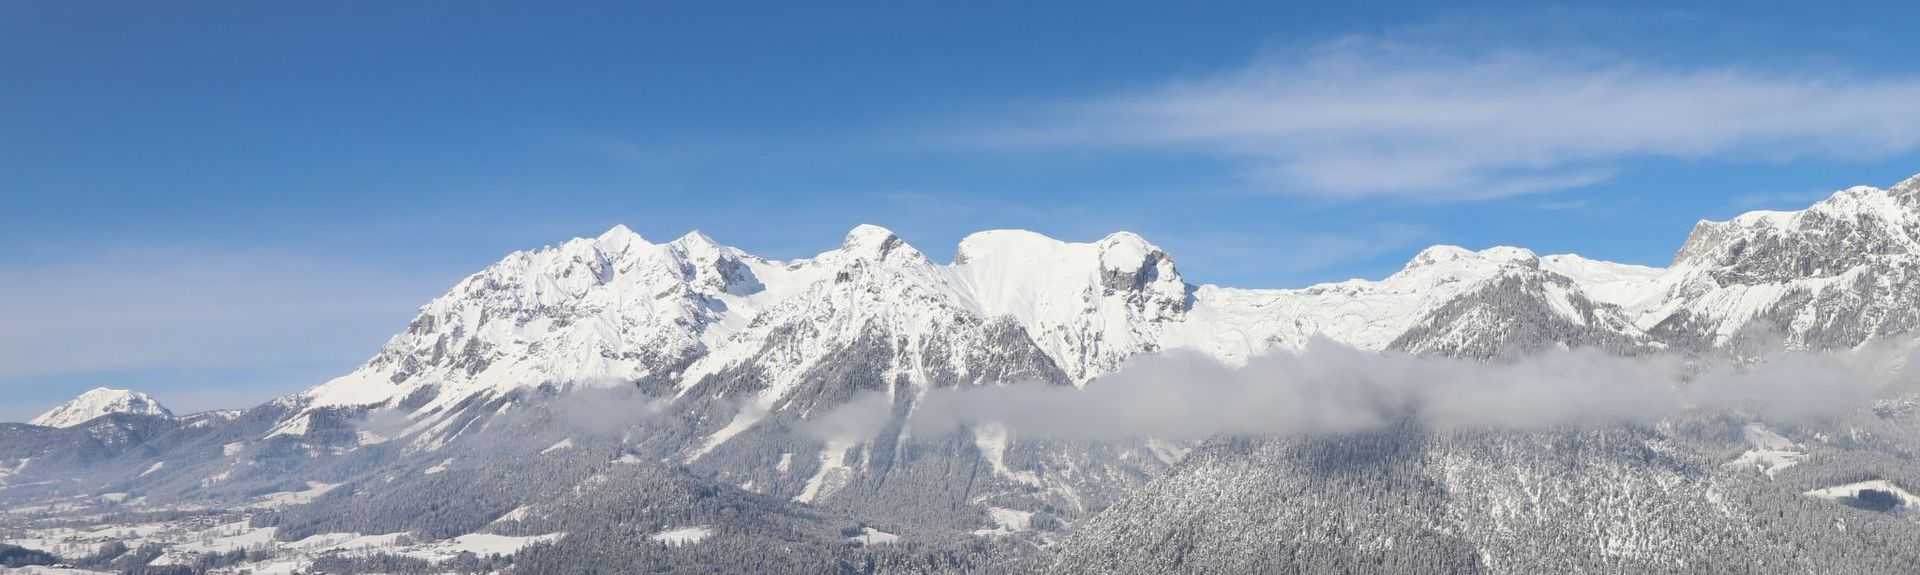 Rohrmoos-Untertal, Schladming, Styria, Austria